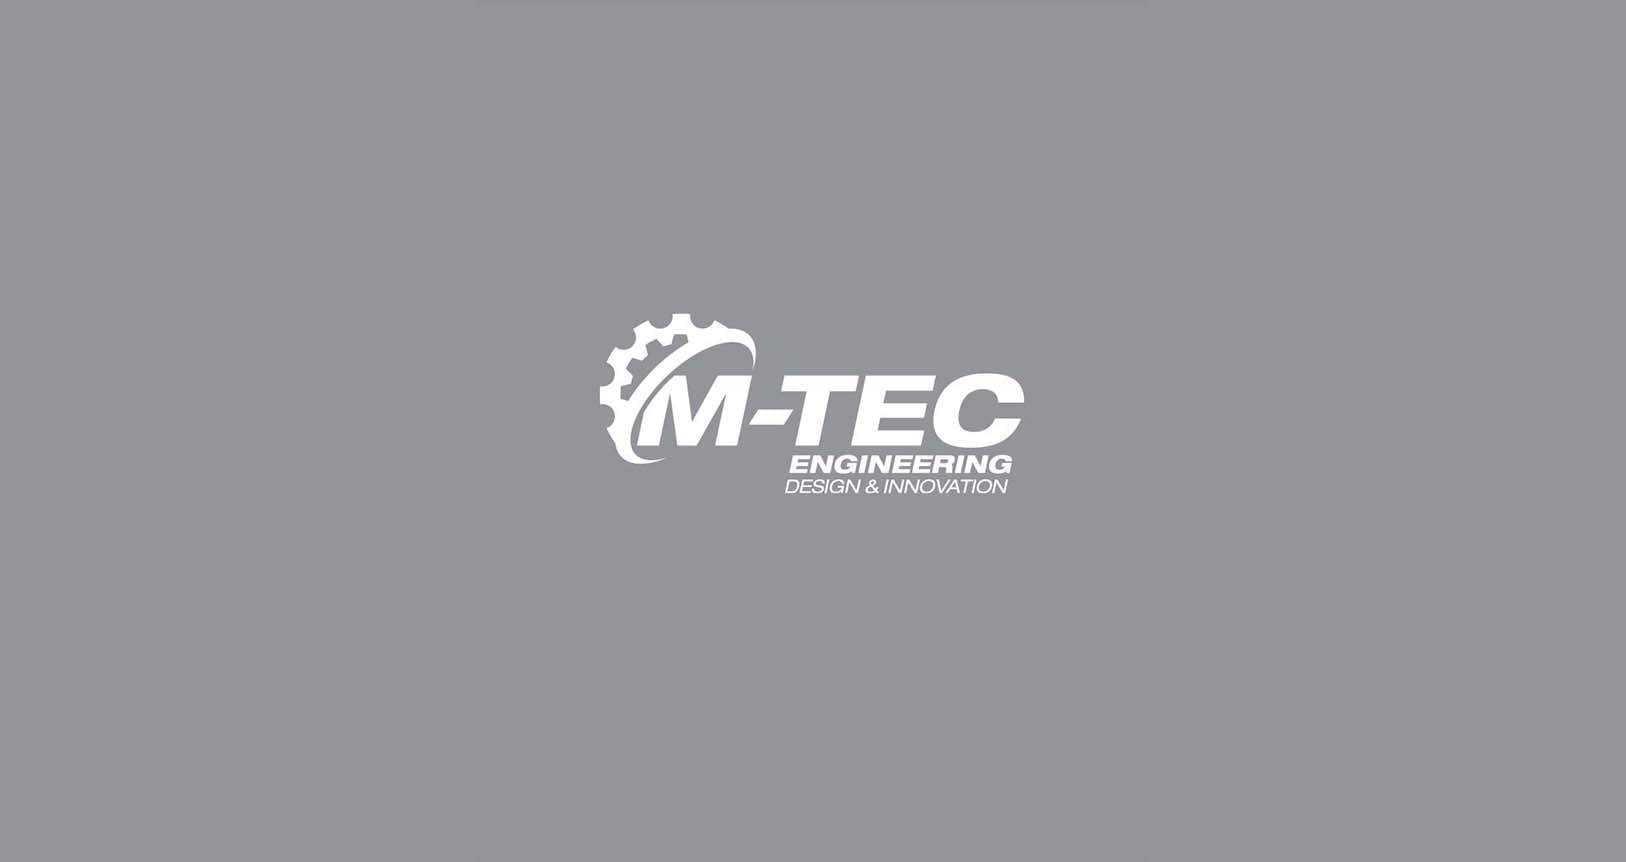 M-TEC-ENGINEERING-TOP-WIDE-BANNER